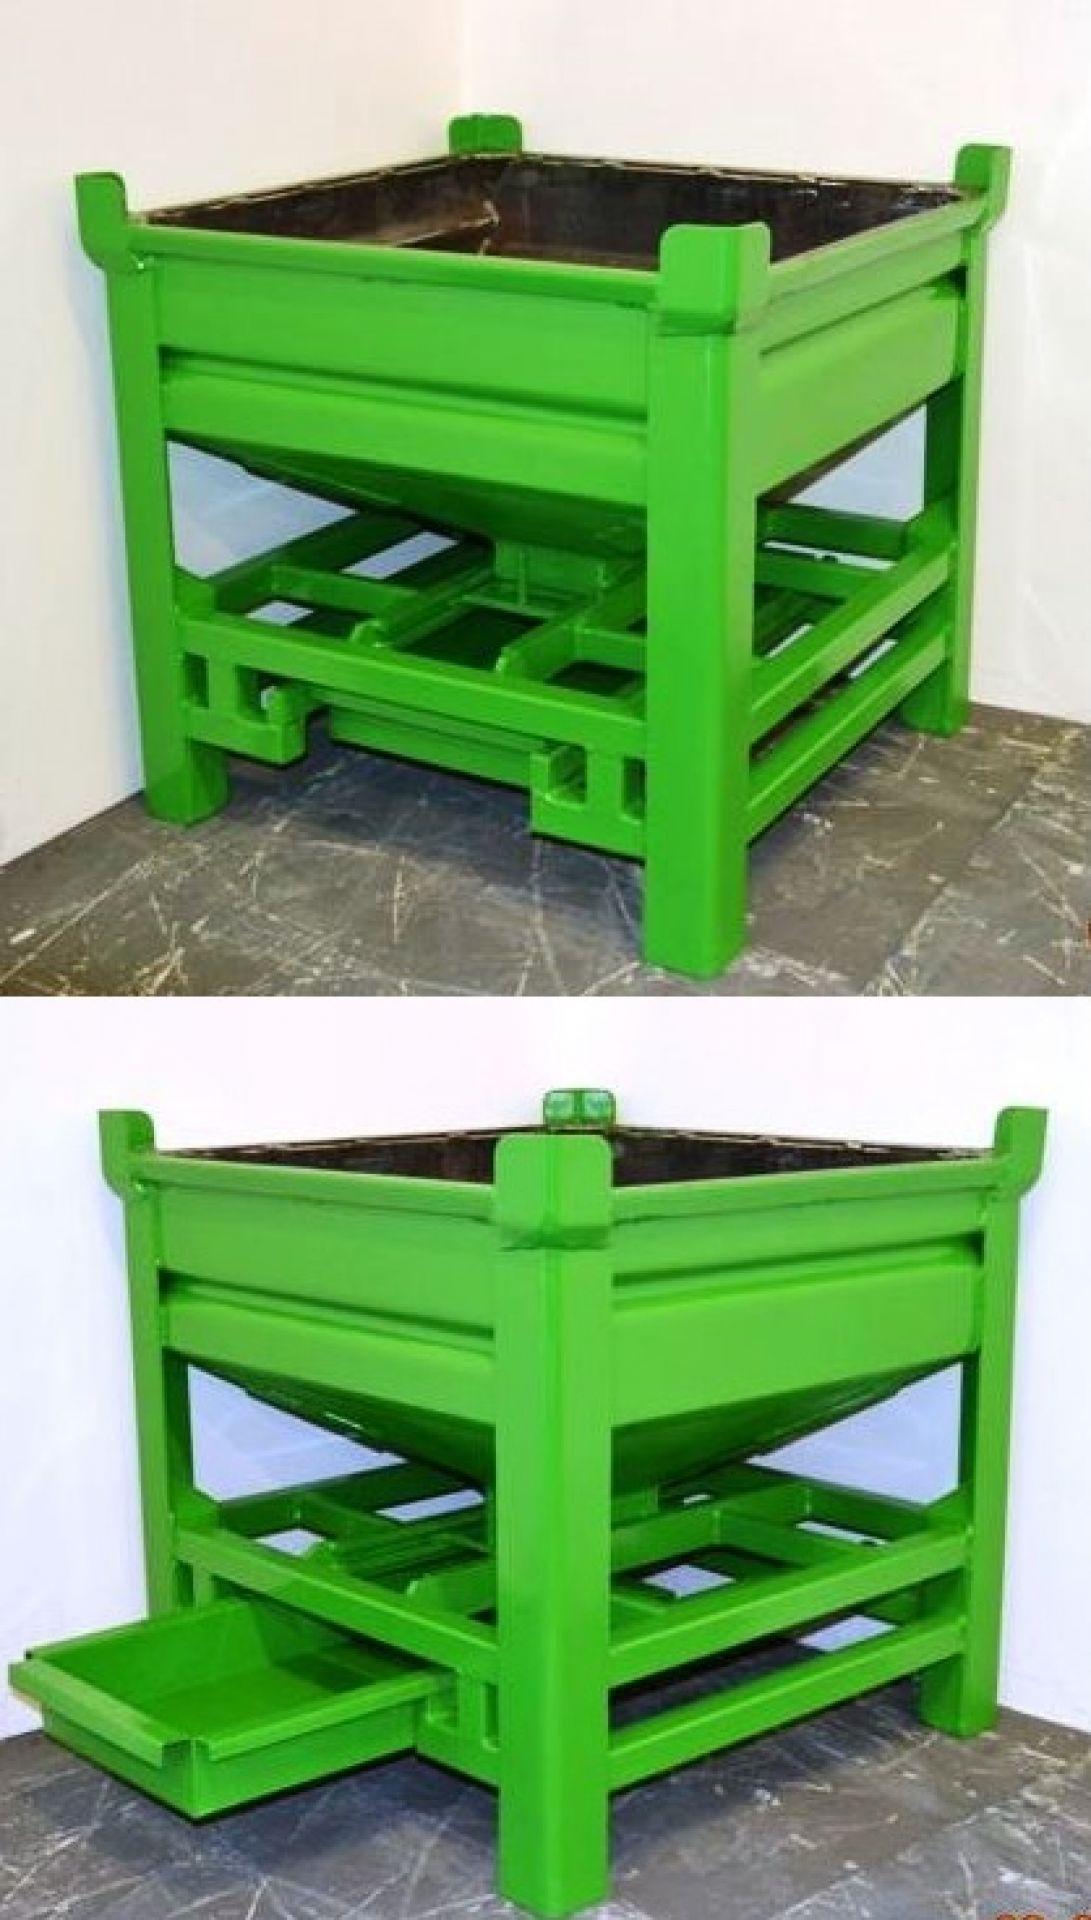 Silobehälter mit Auffangwanne grün lackiert